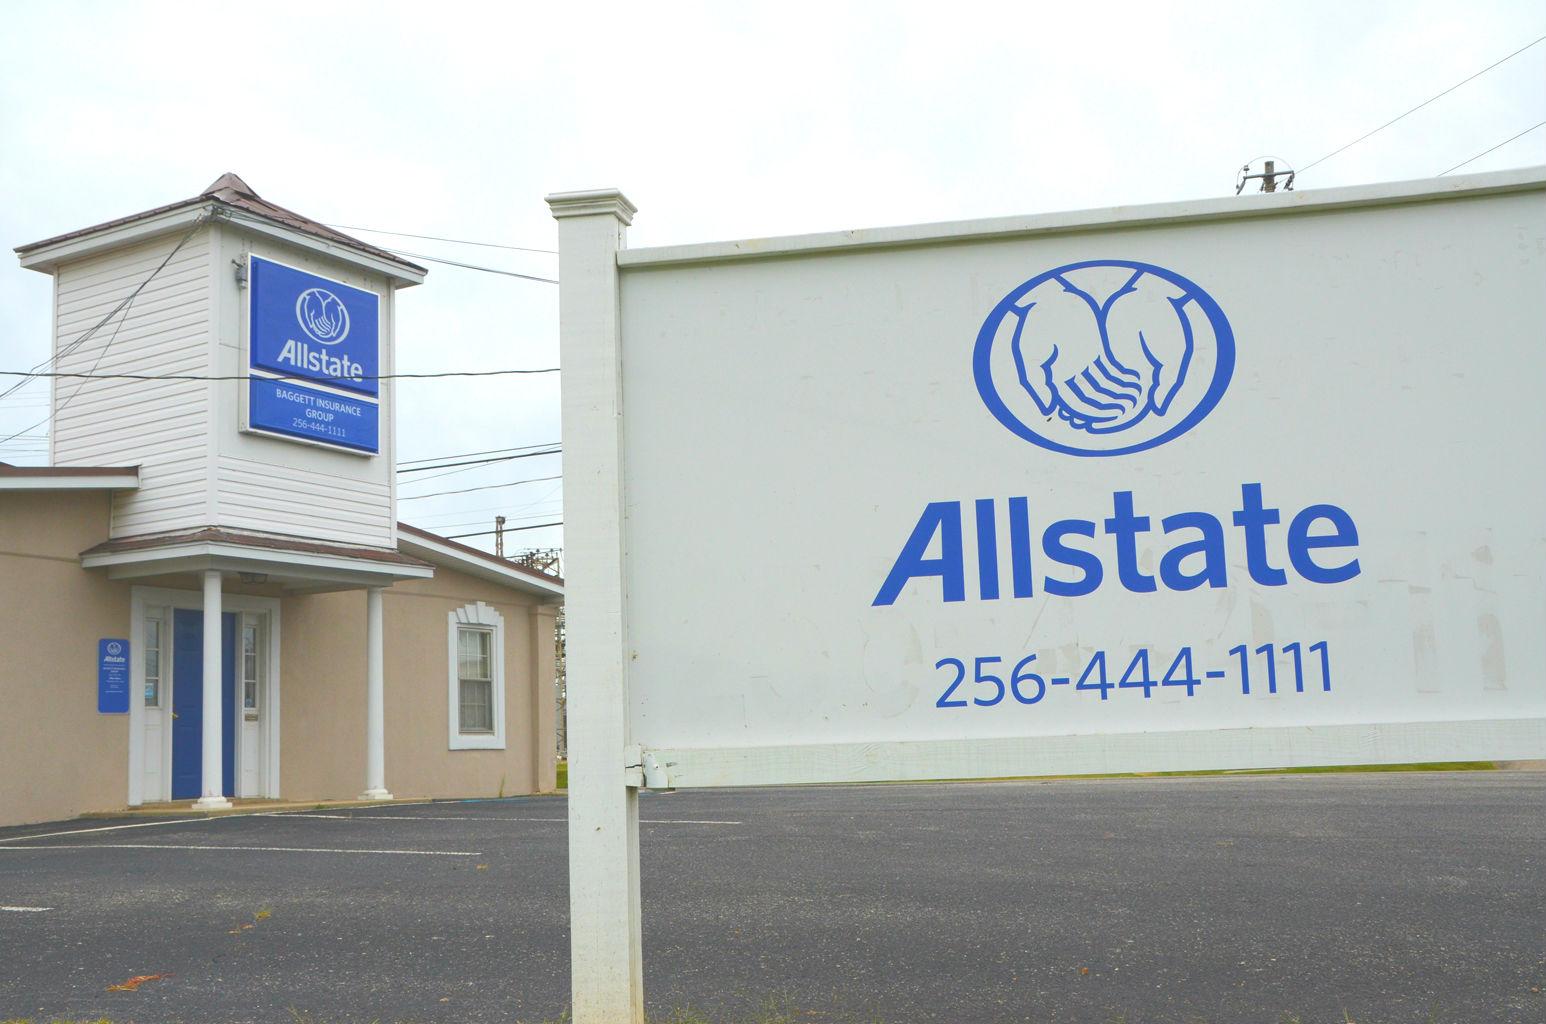 Kevin Baggett: Allstate Insurance image 1